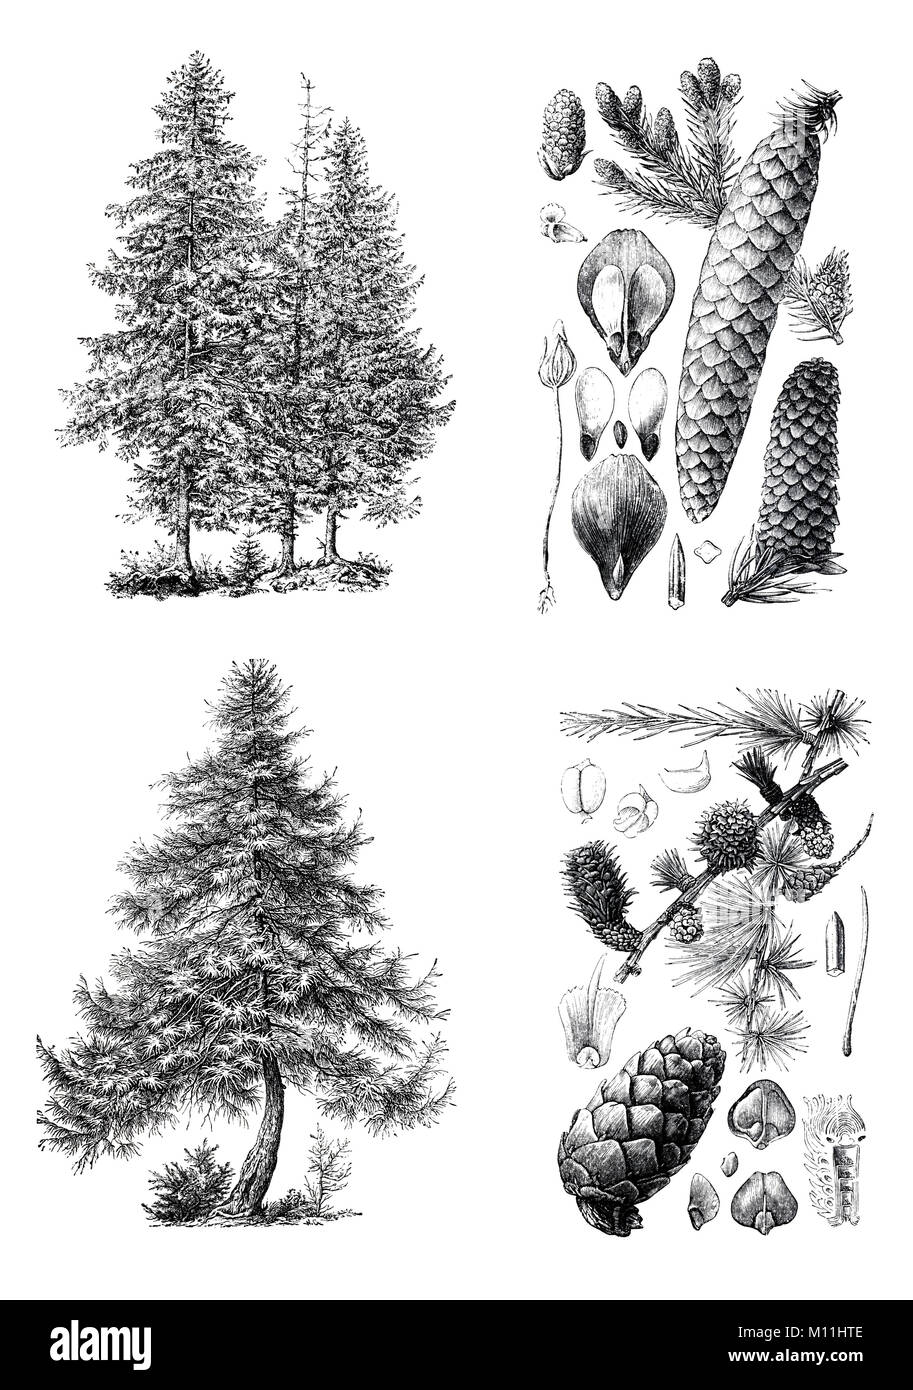 Retro vintage silhouettes of a European pine trees  An